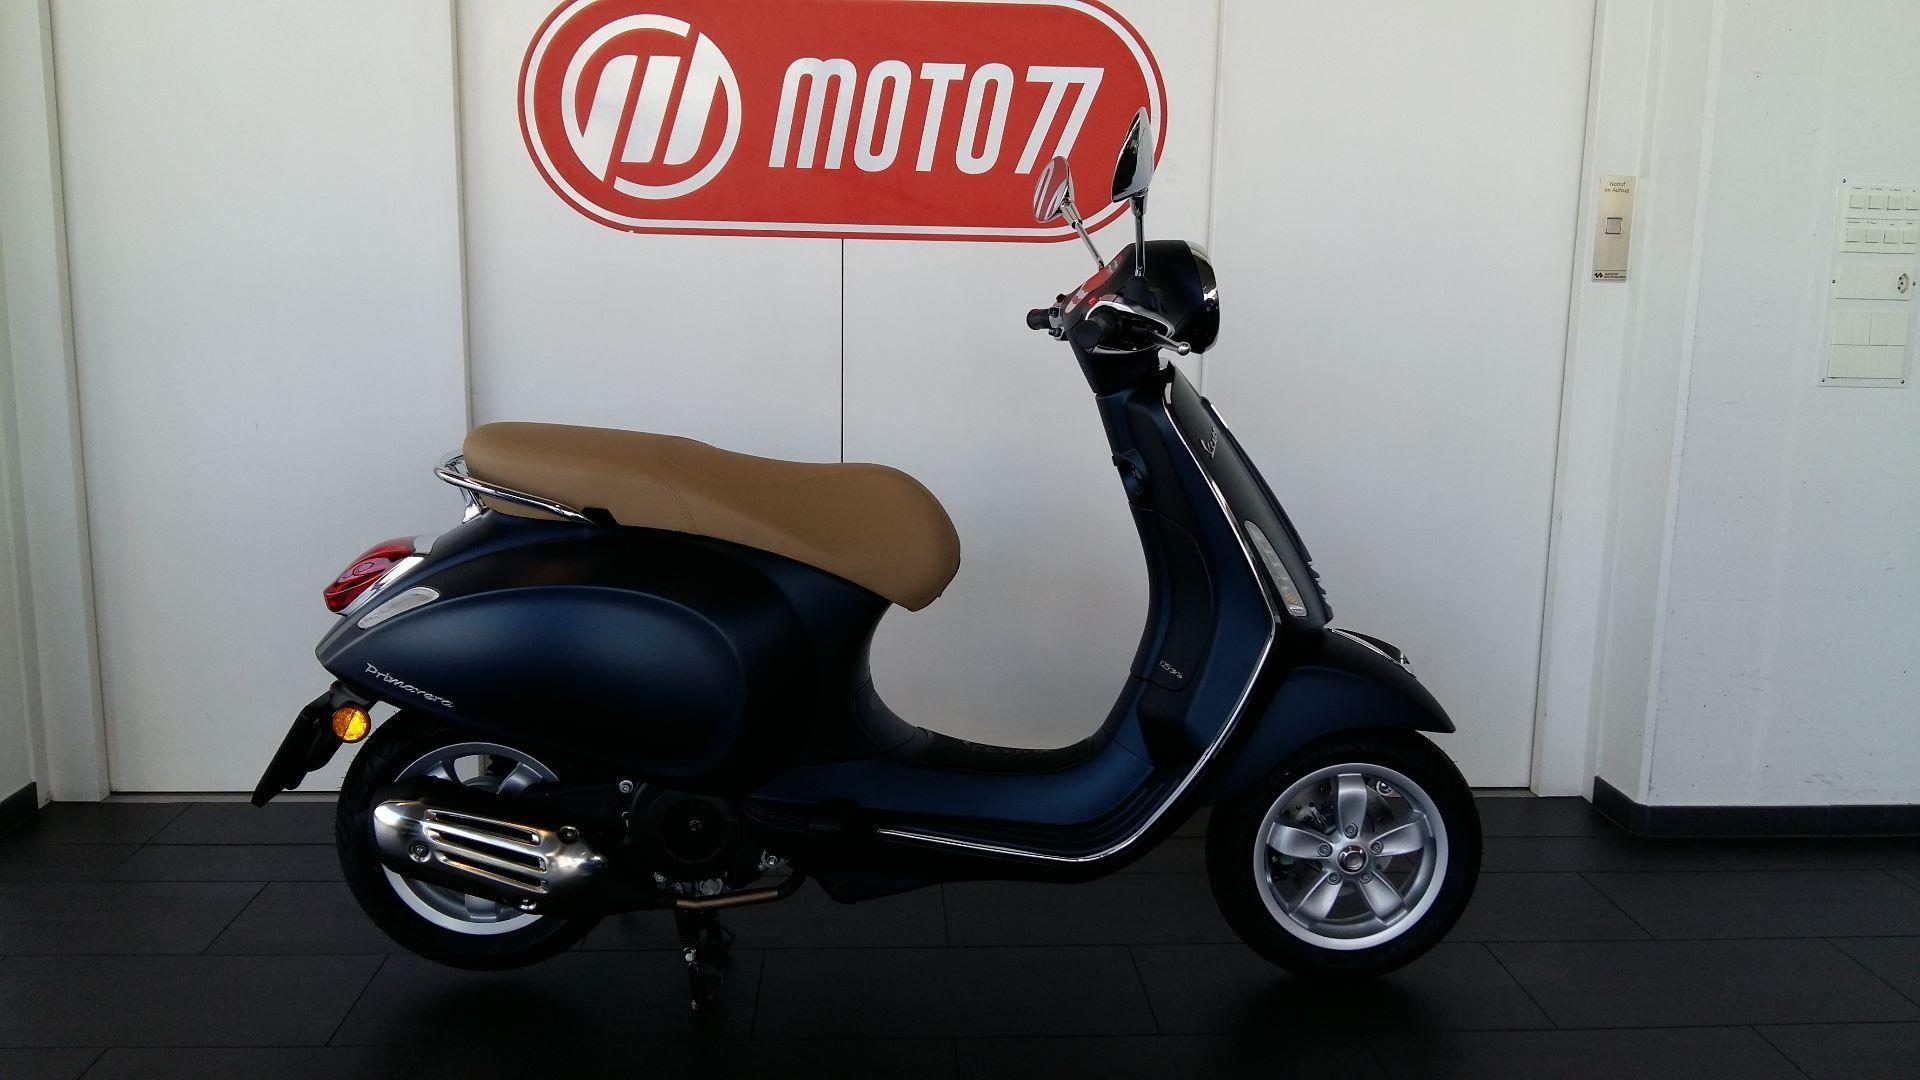 moto veicoli nuovi acquistare piaggio vespa primavera 125 abs iget blue edition moto77 ag frauenfeld. Black Bedroom Furniture Sets. Home Design Ideas